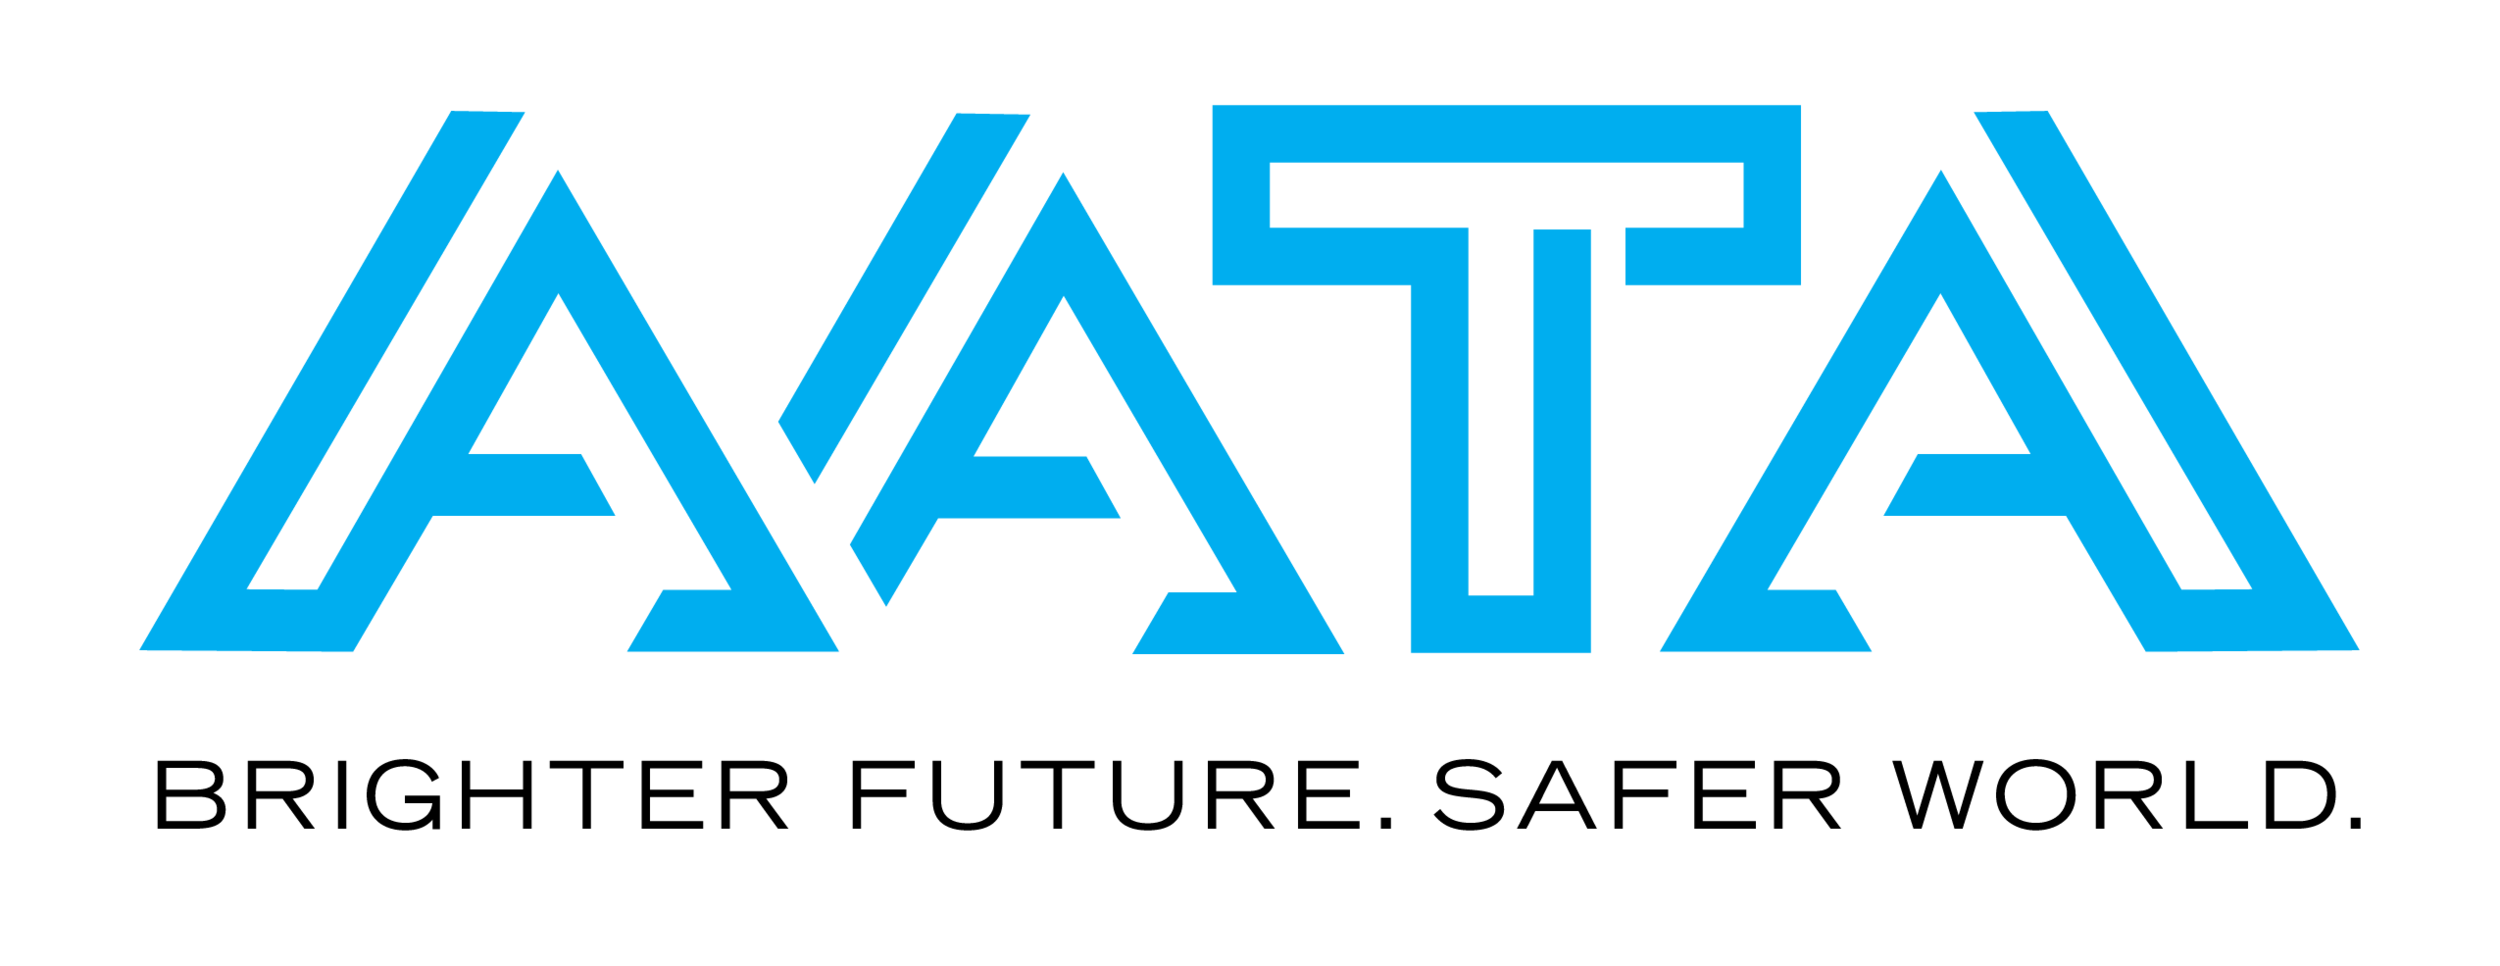 AATA_logo.png